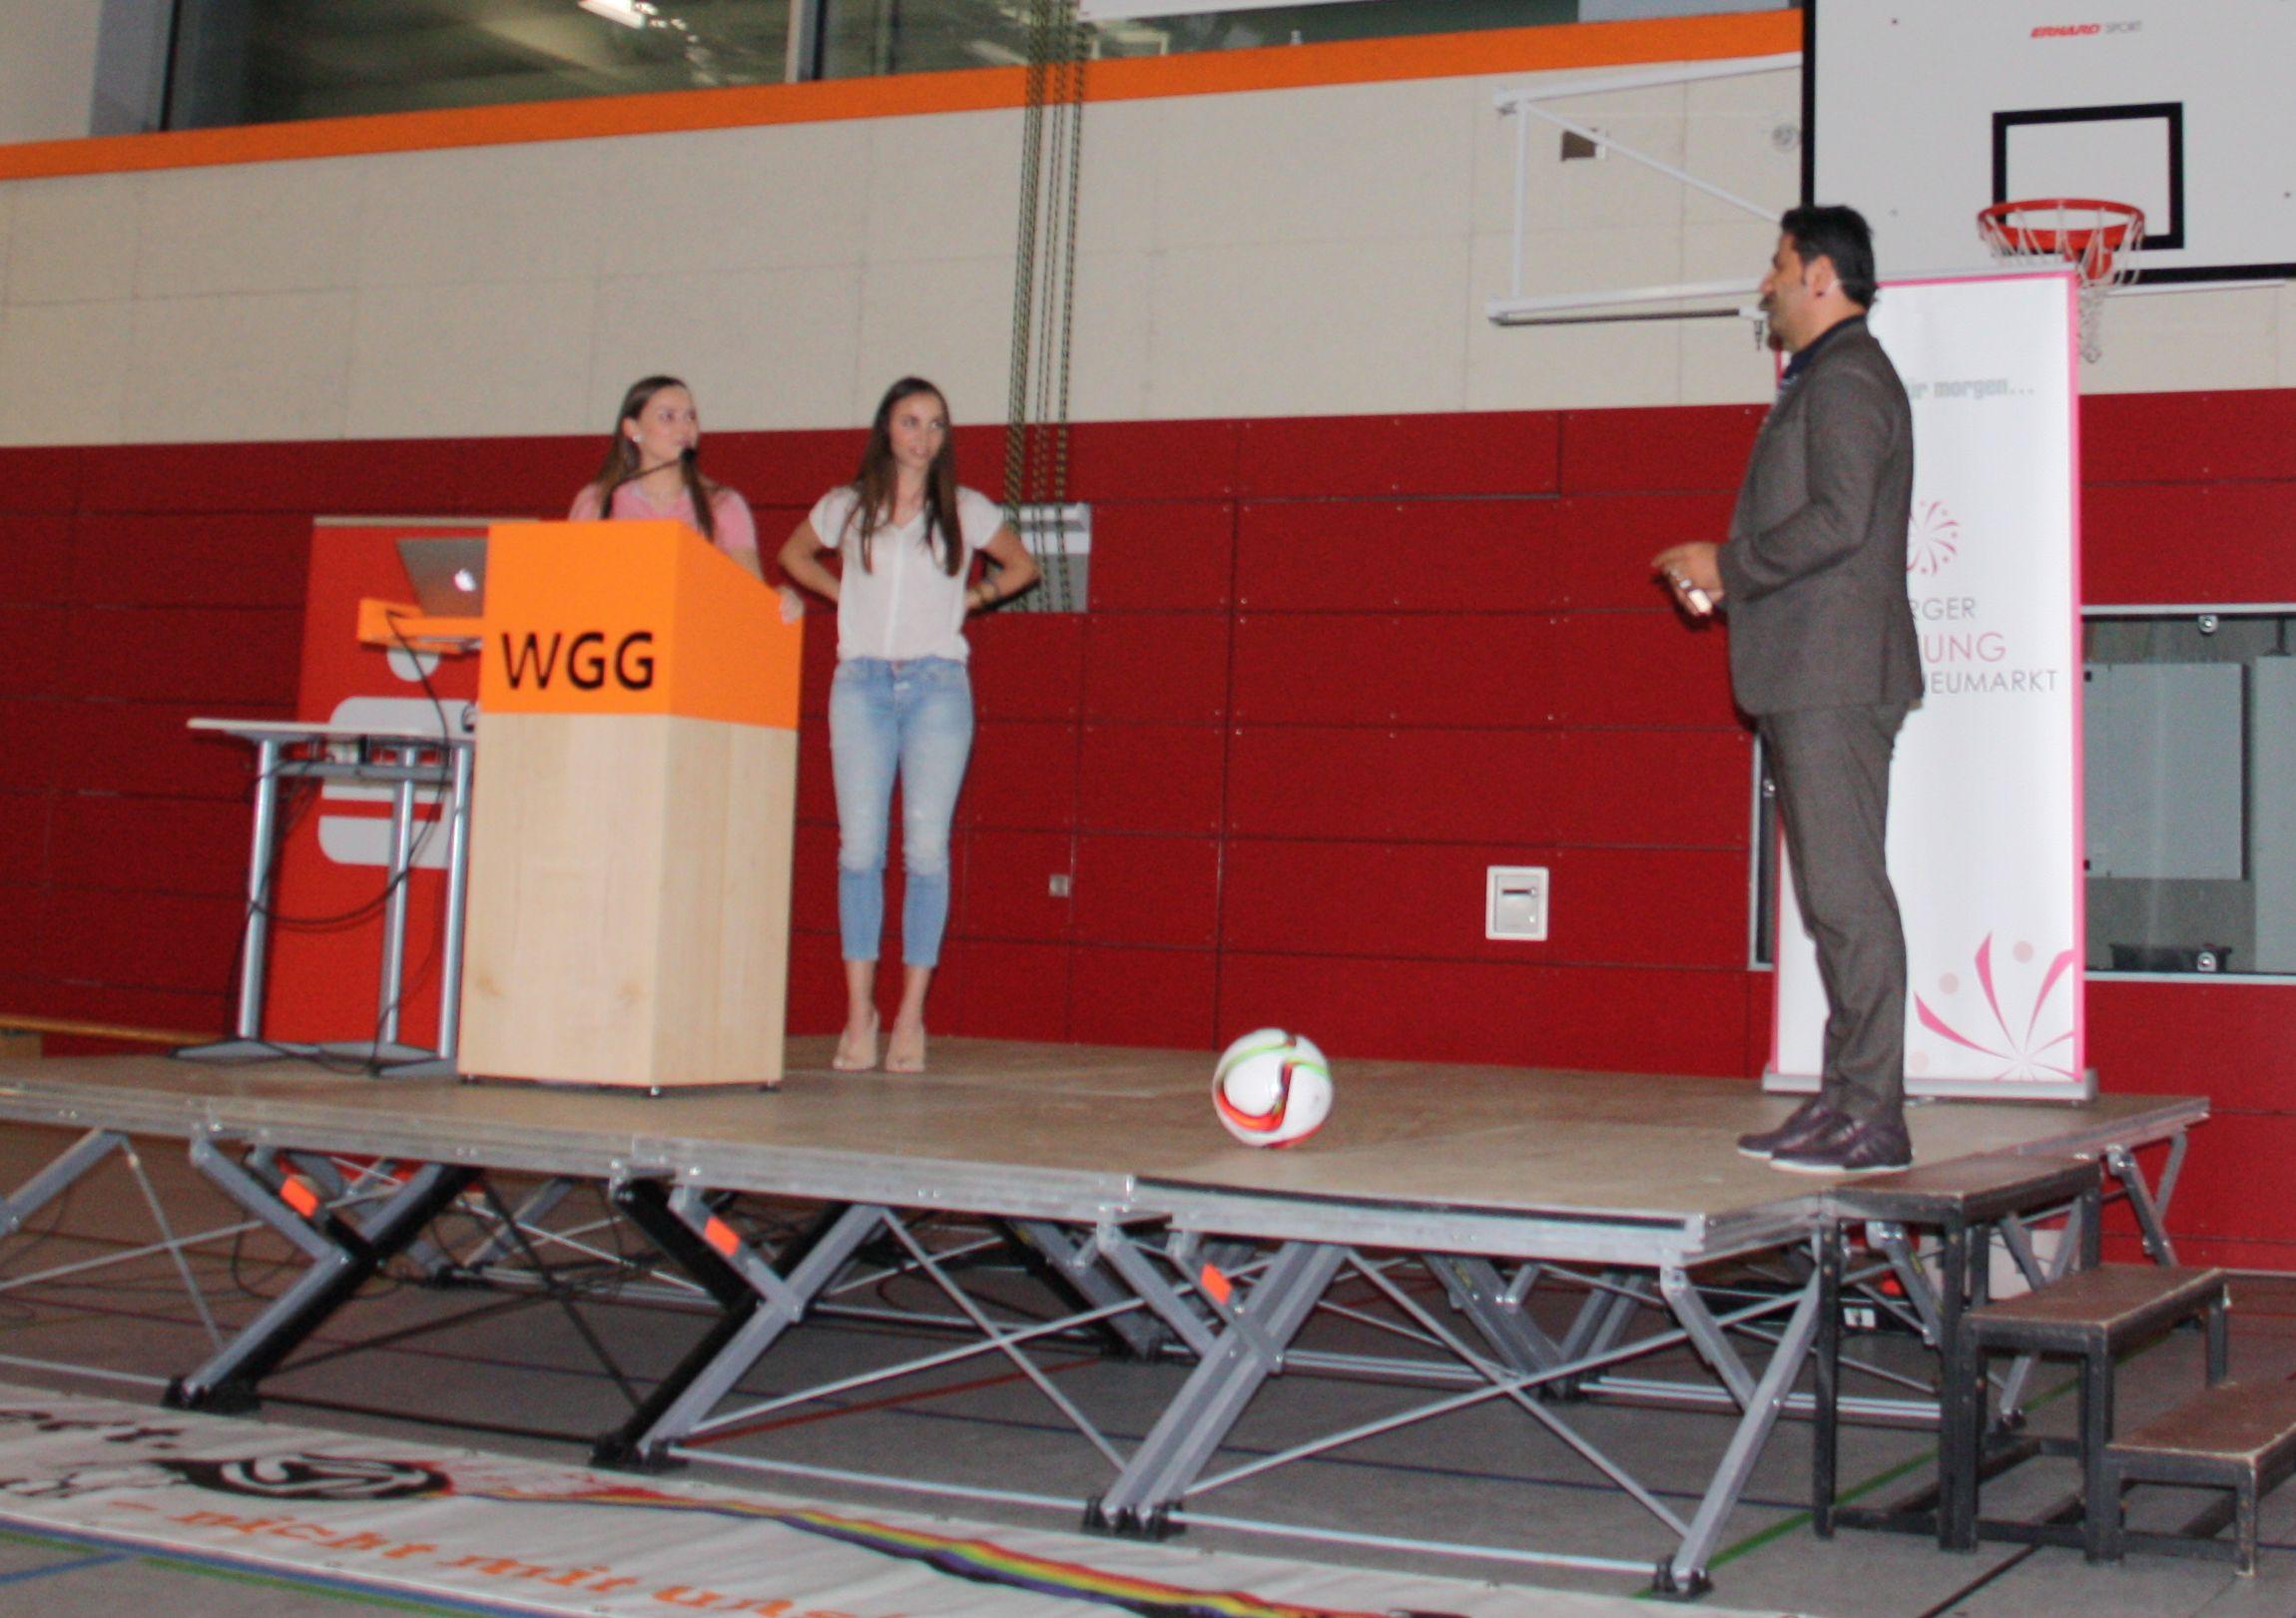 Tatjana und Lorena Bittner bedanken sich bei Babak Rafati für den ergreifenden Vortrag.